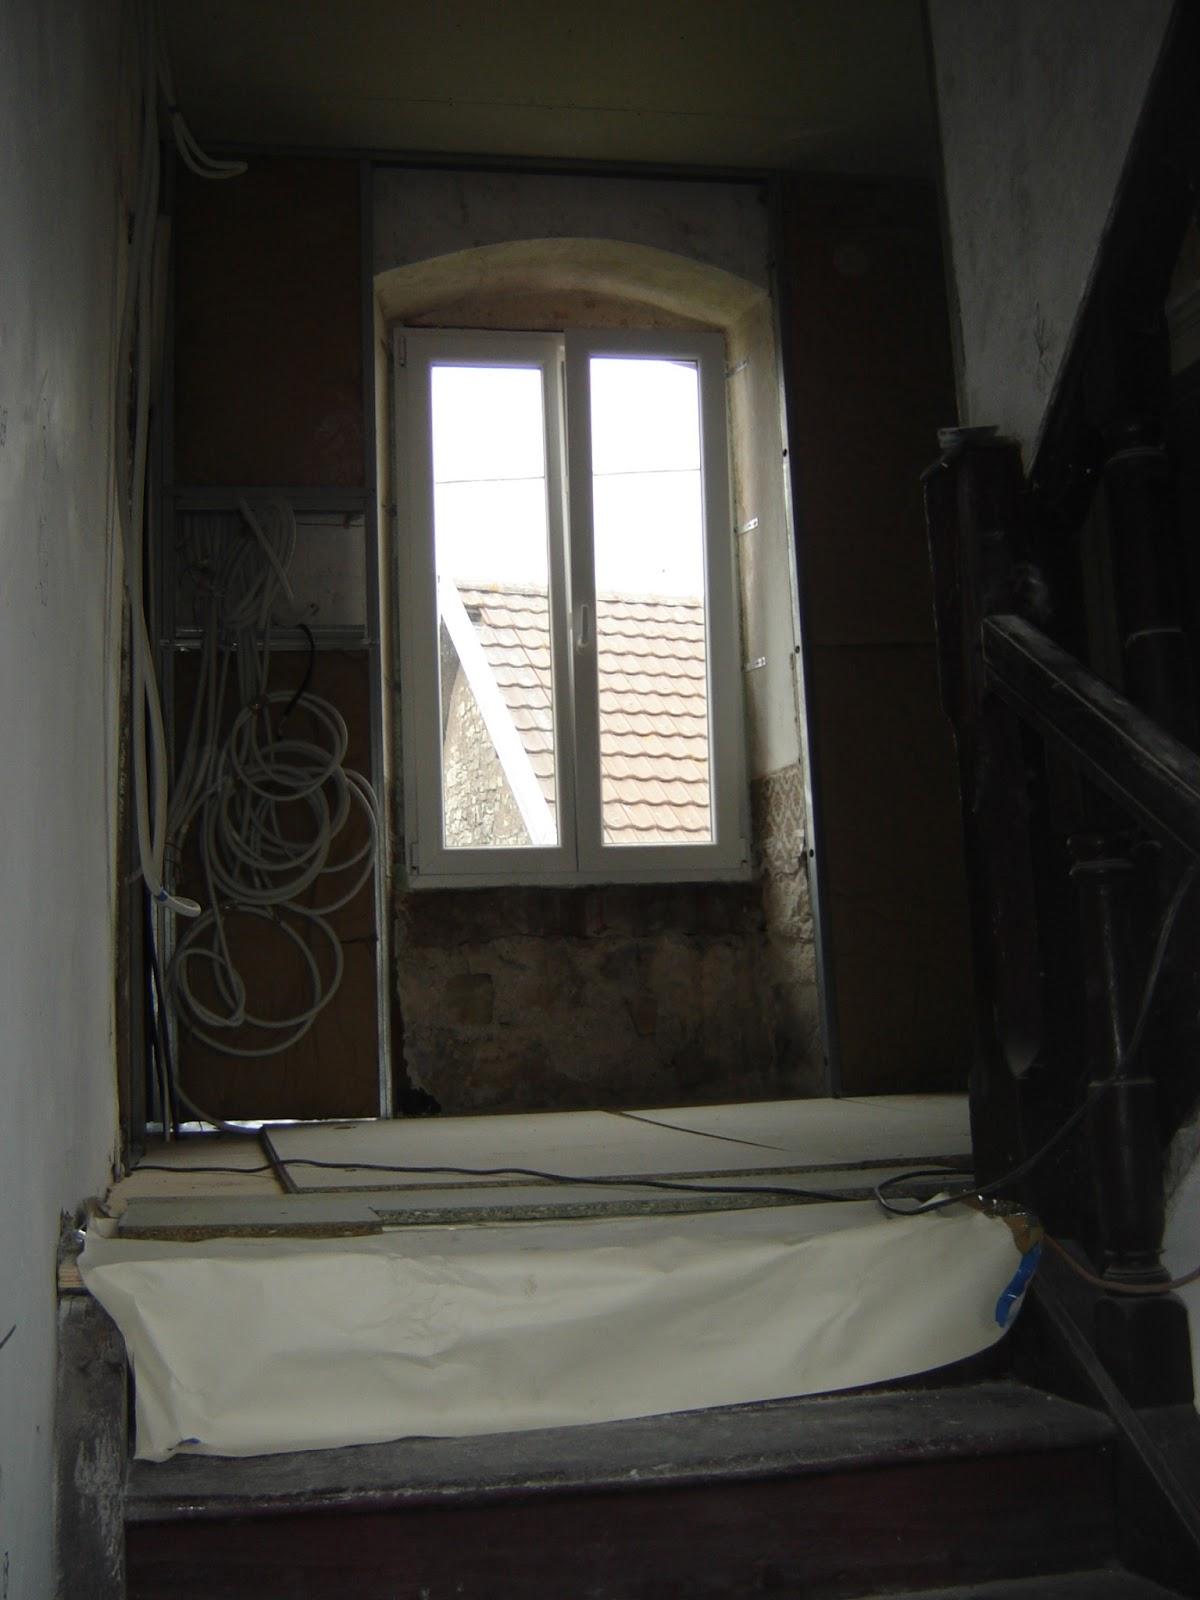 Le presbyt re la cage d 39 escalier - Amenager une cage d escalier ...